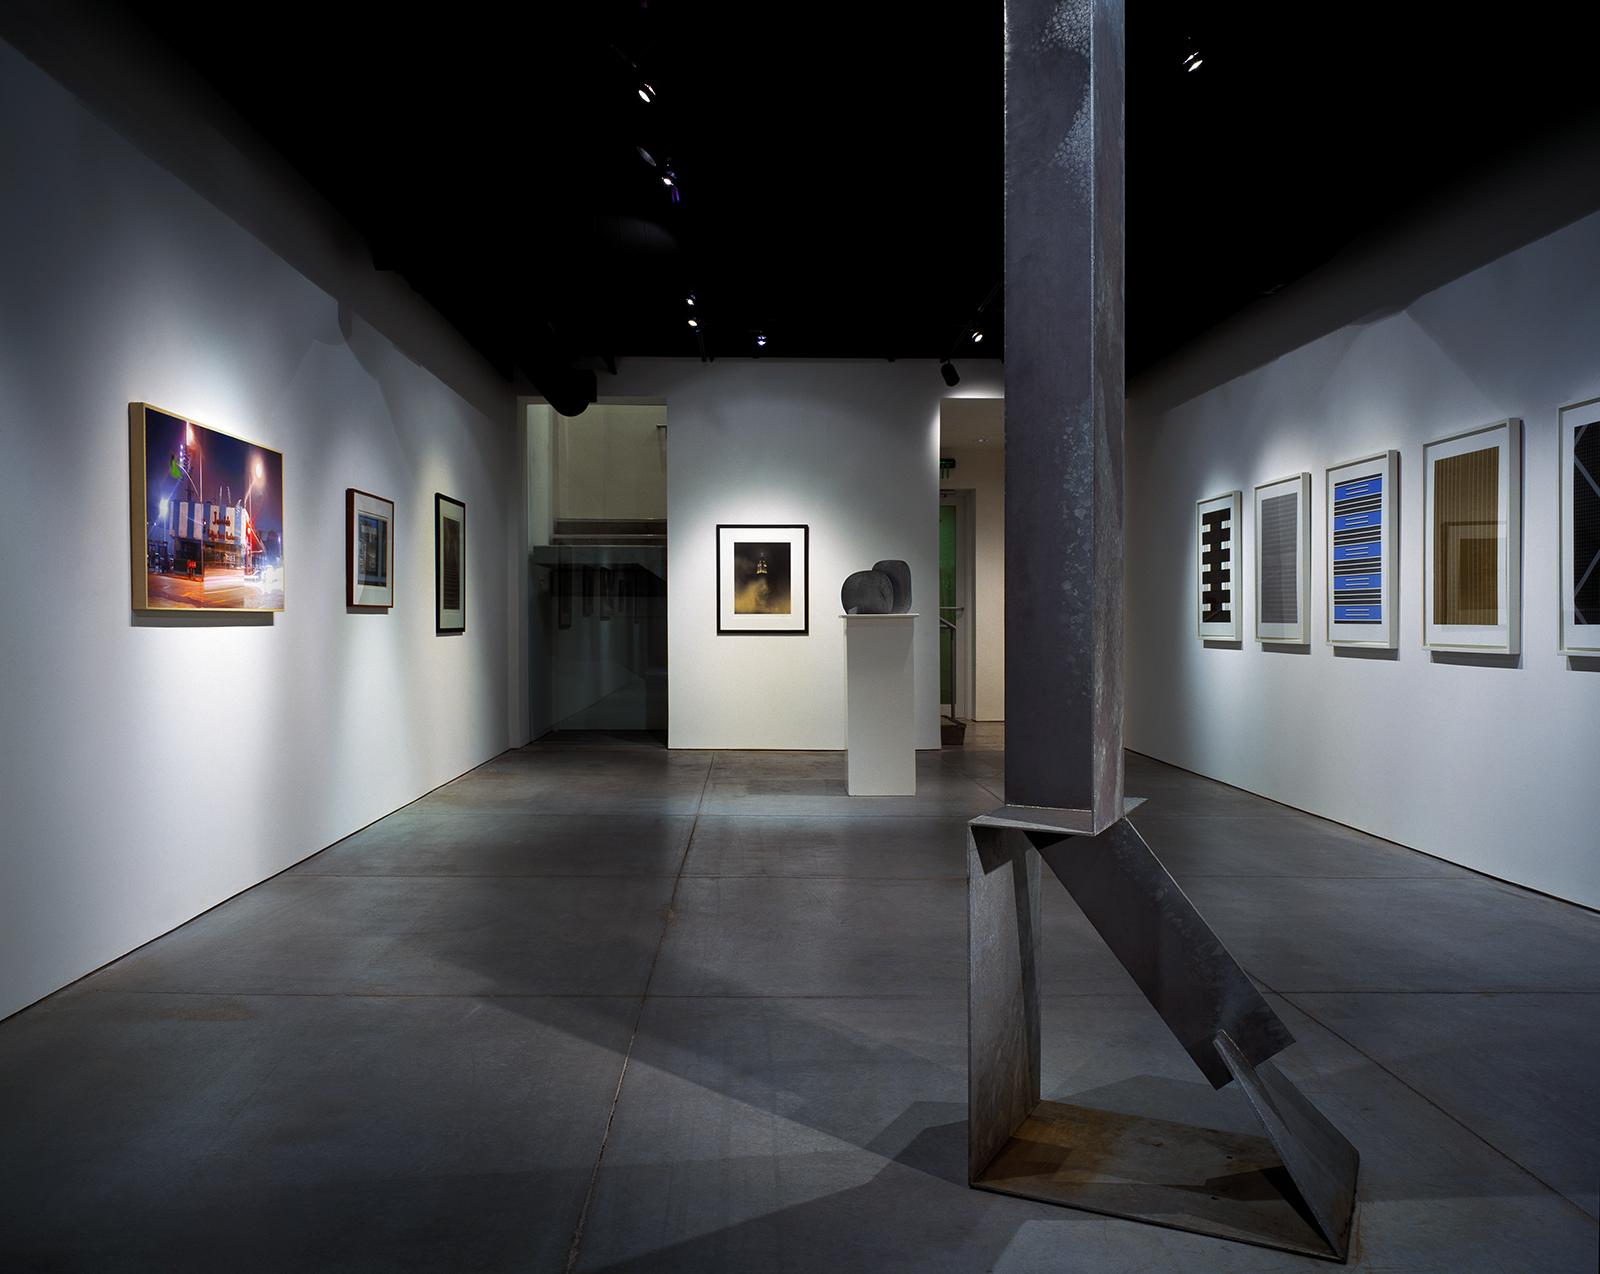 Davis Kiel Art Gallery